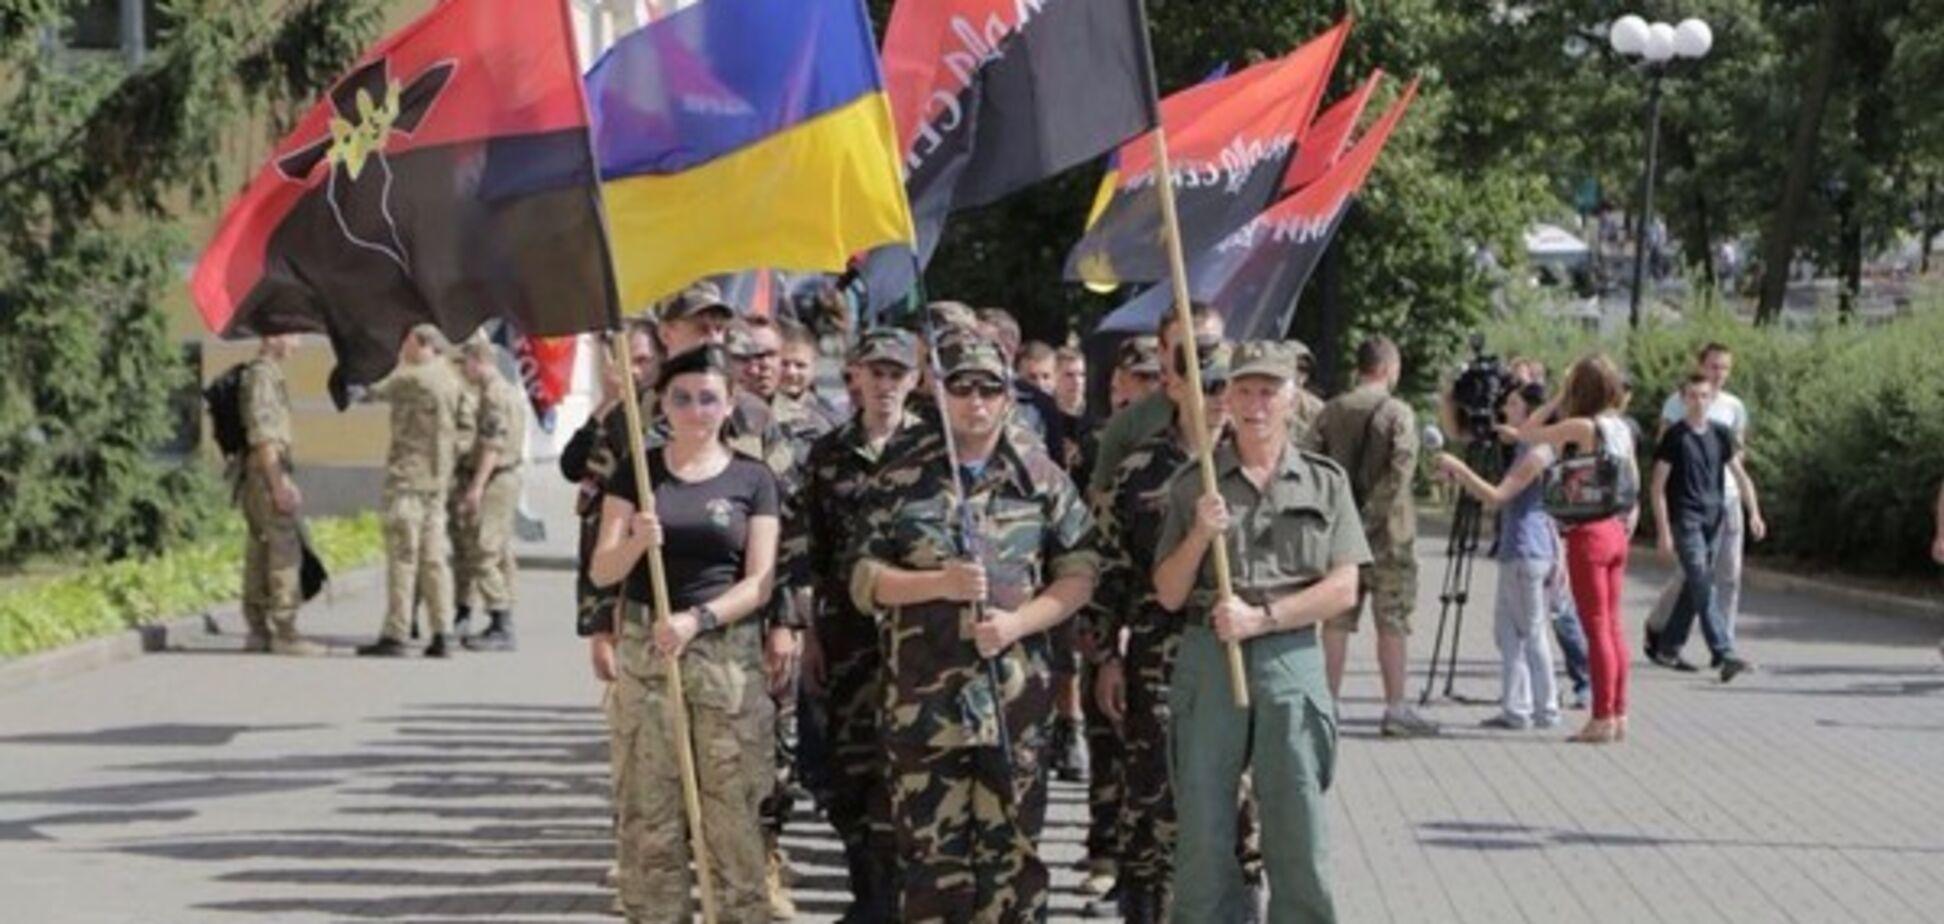 ''Распнут в трусиках'': в России у всех на виду нашли ''Правый сектор''